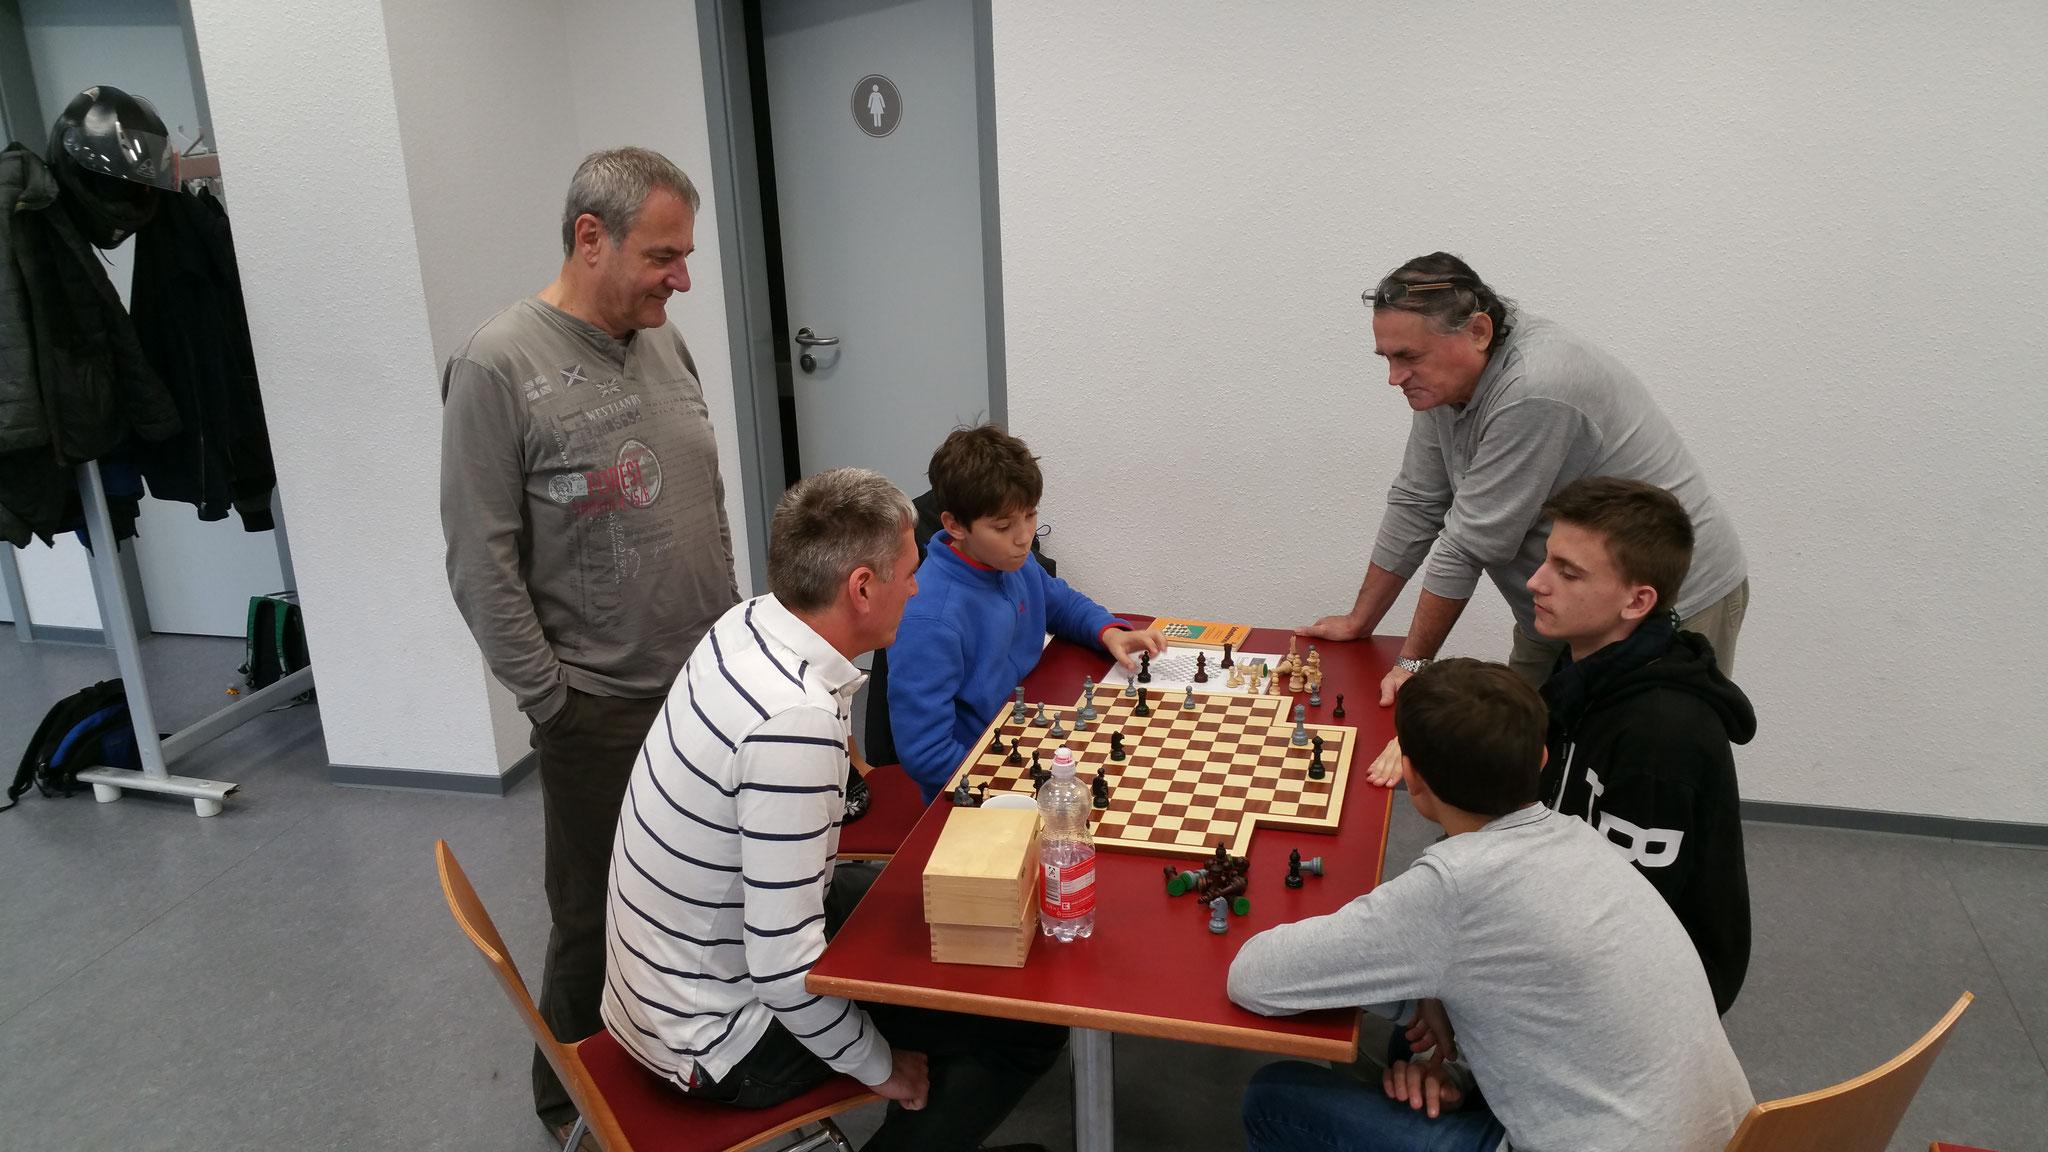 """Hier wird mal das sogenannte """"4er-Schach"""" ausprobiert"""